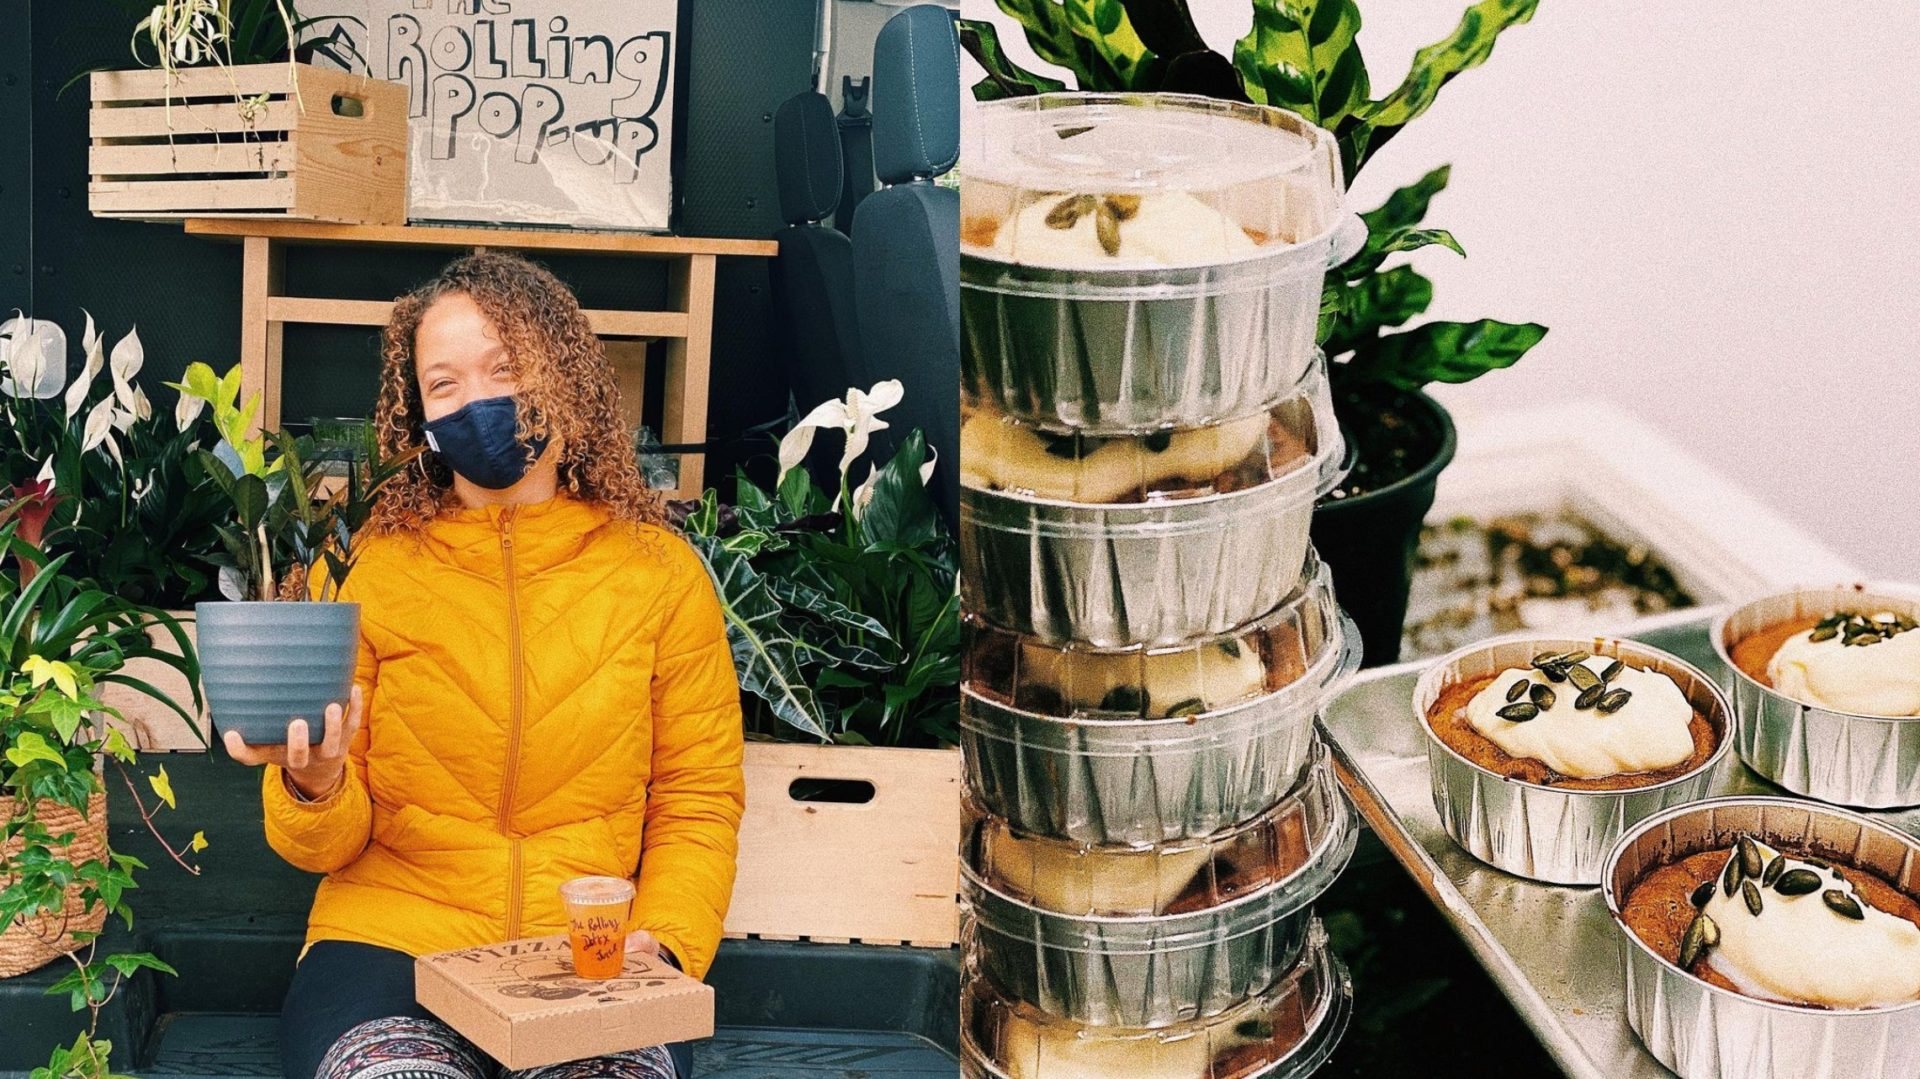 Montréal: Vous pouvez maintenant vous faire livrer un repas et des plantes à domicile grâce à cette boutique ambulante!